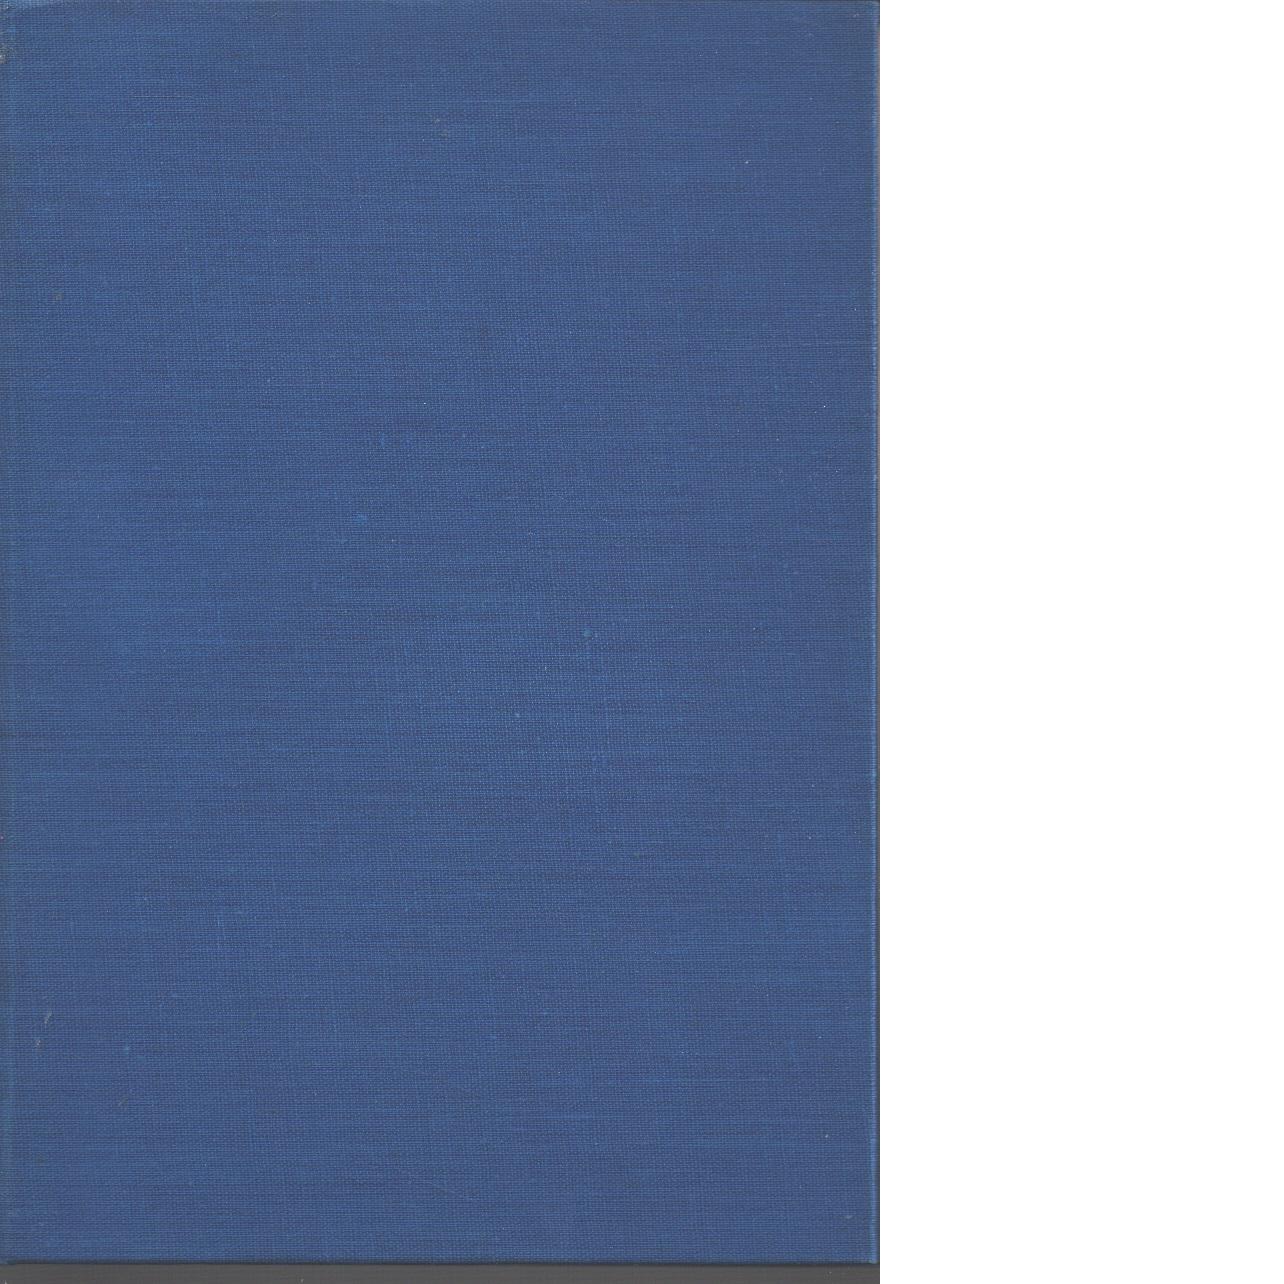 Brev, dagboksblad och varia i Sollefteå stadsbibliotek - Molin, Pelle